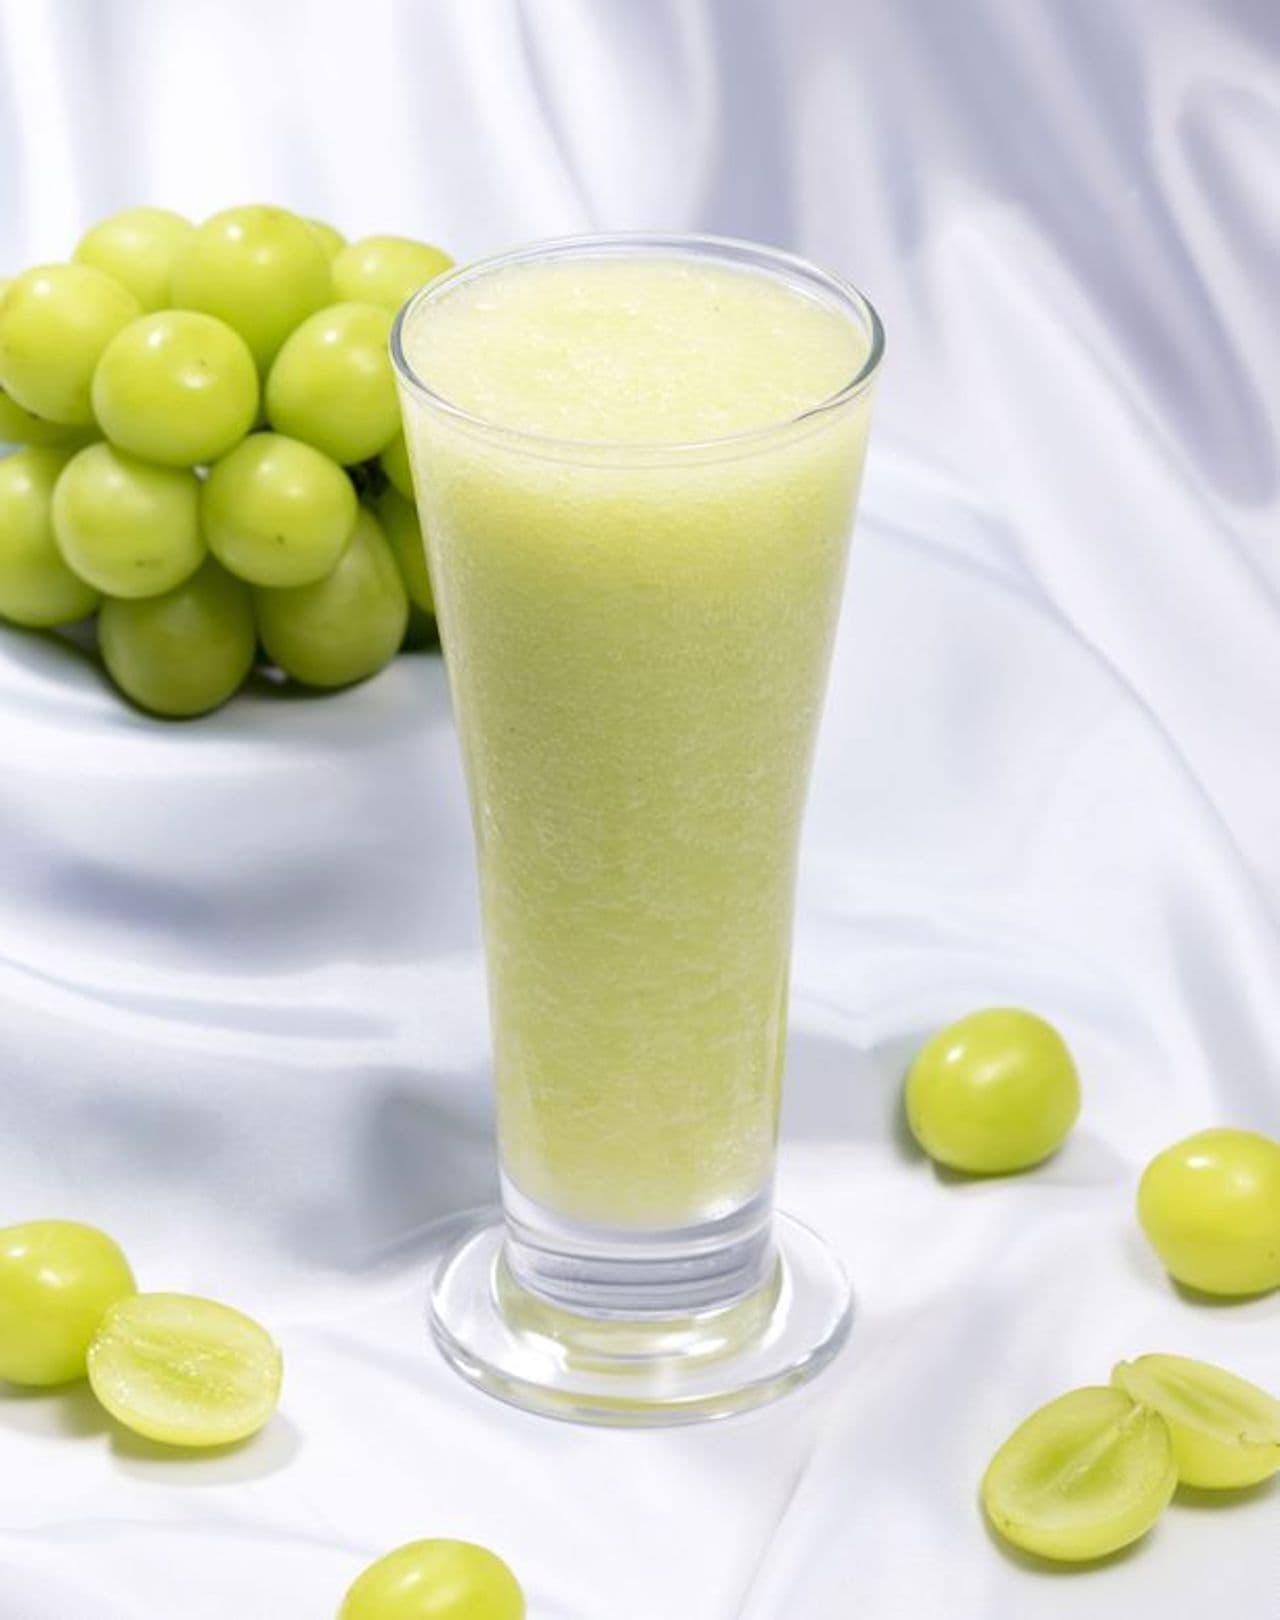 果汁工房果琳「シャインマスカット」